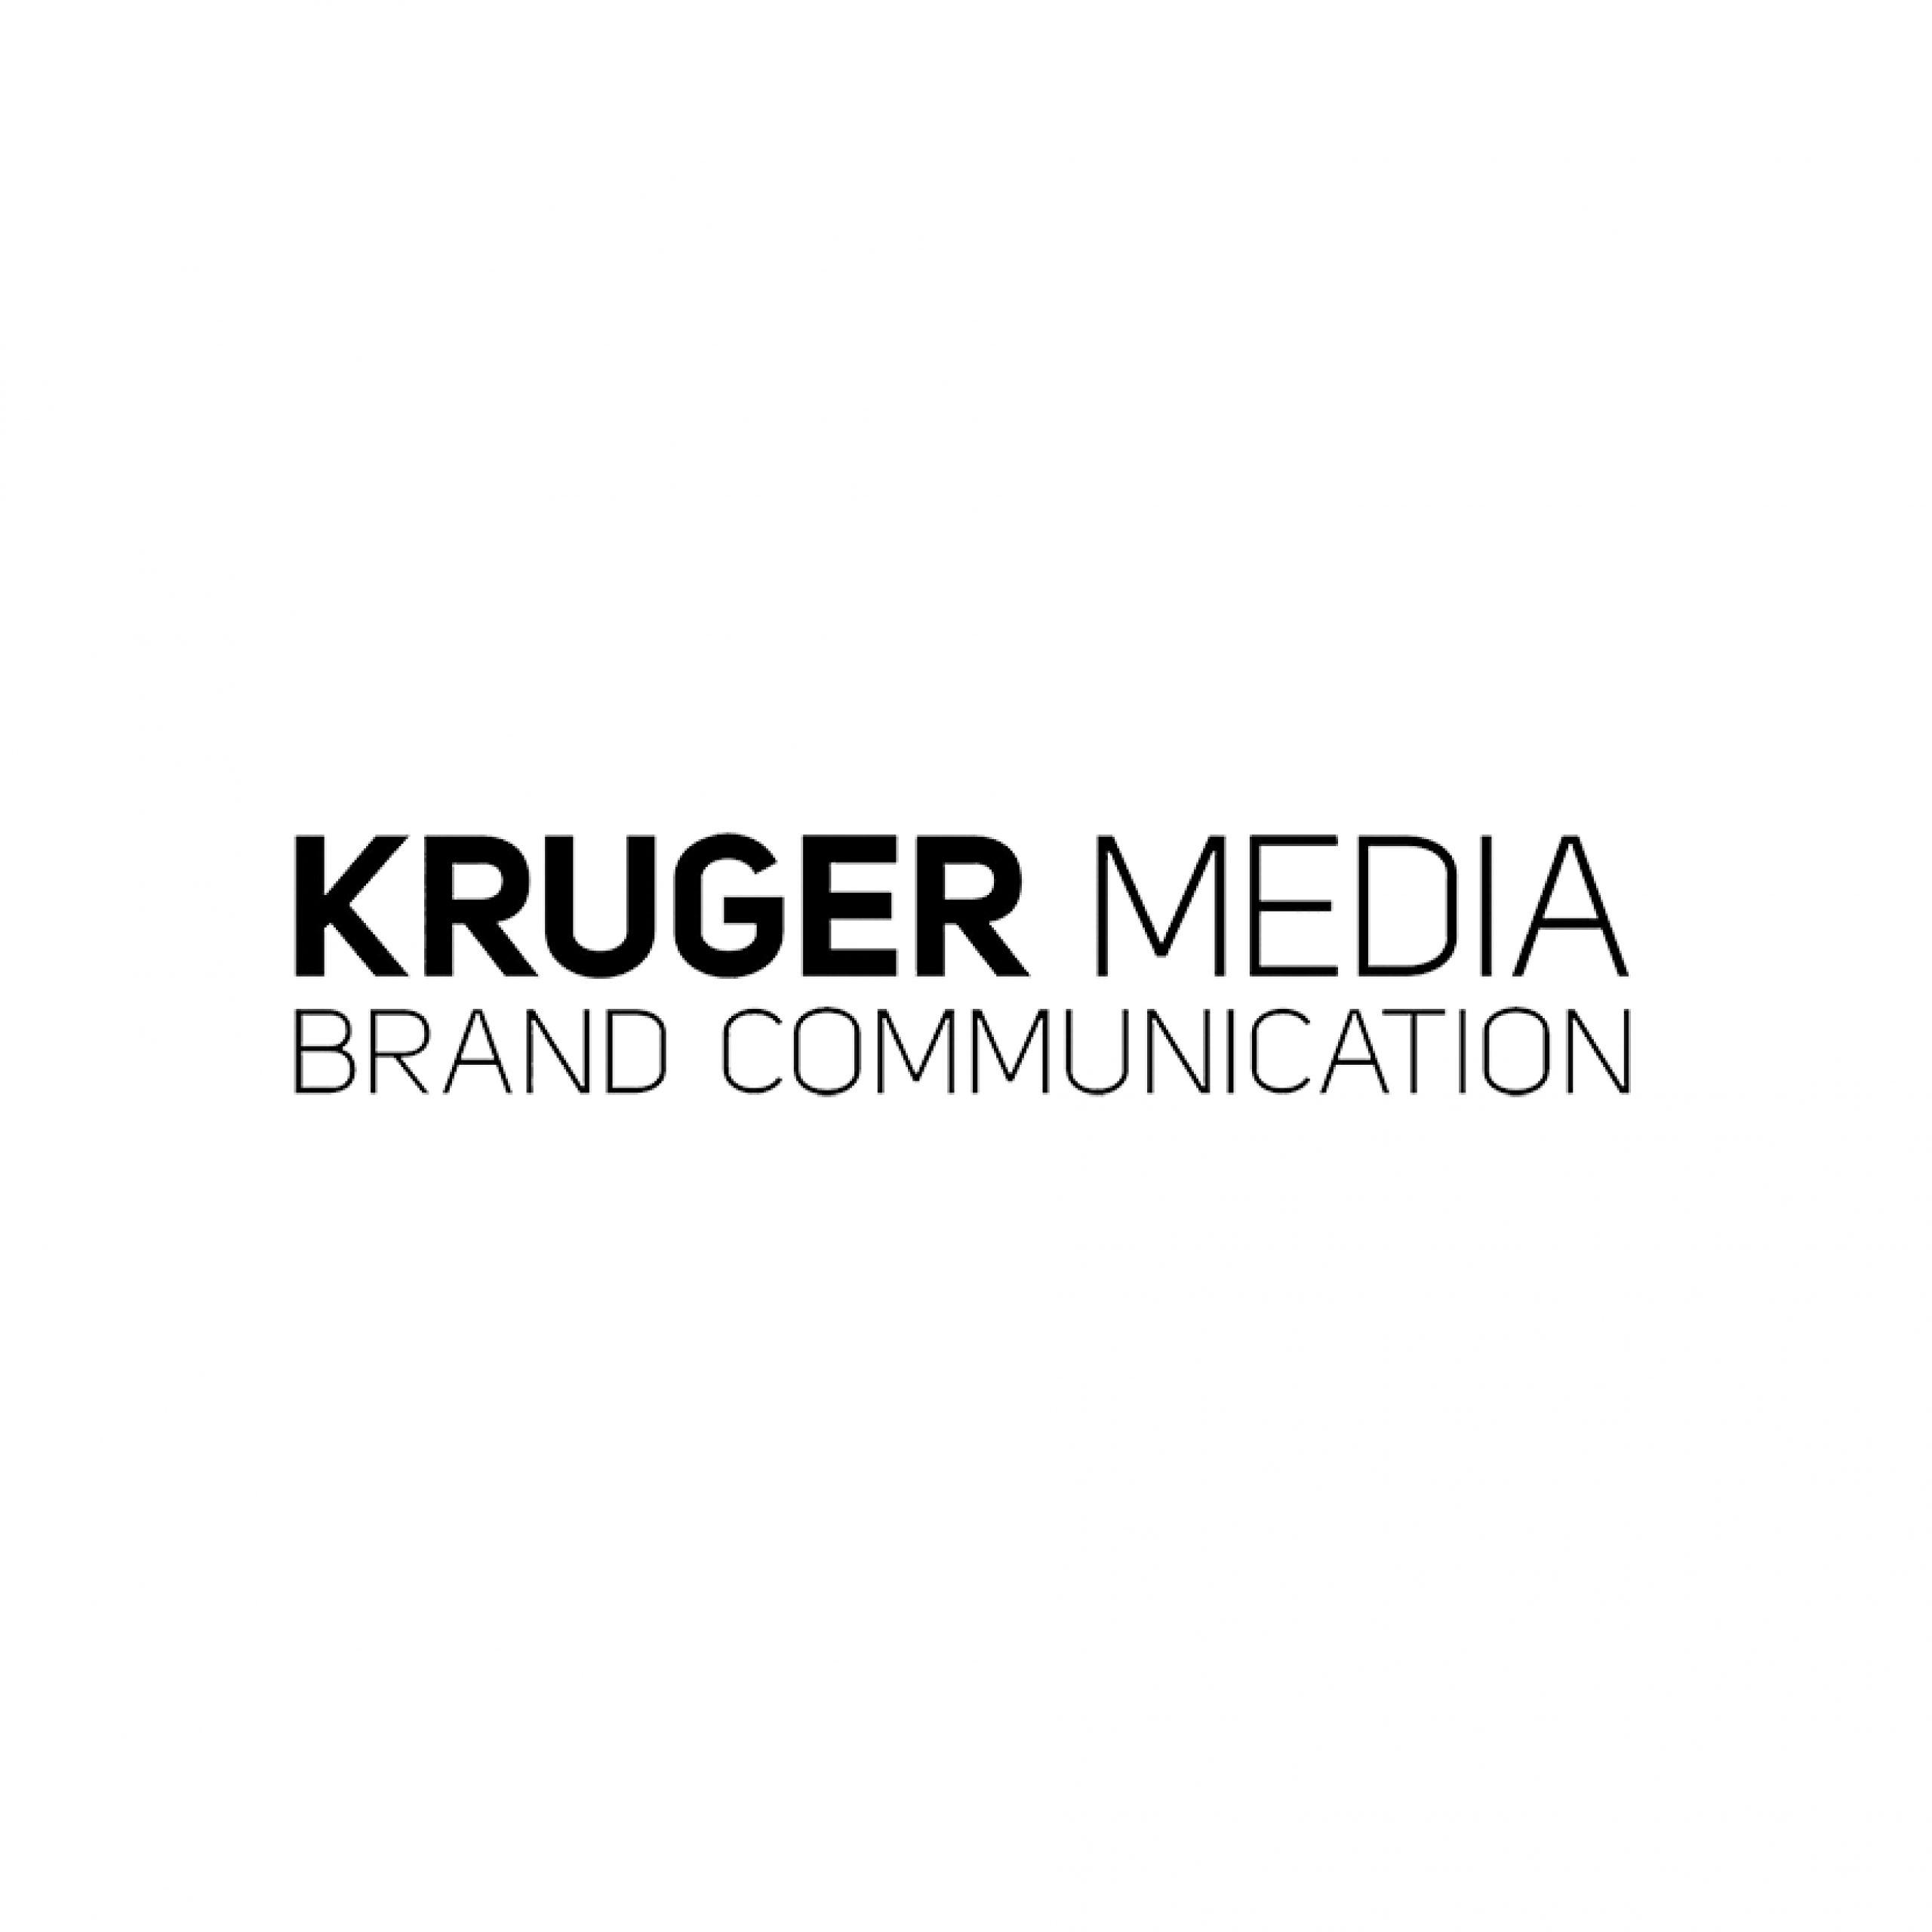 Kruger Media